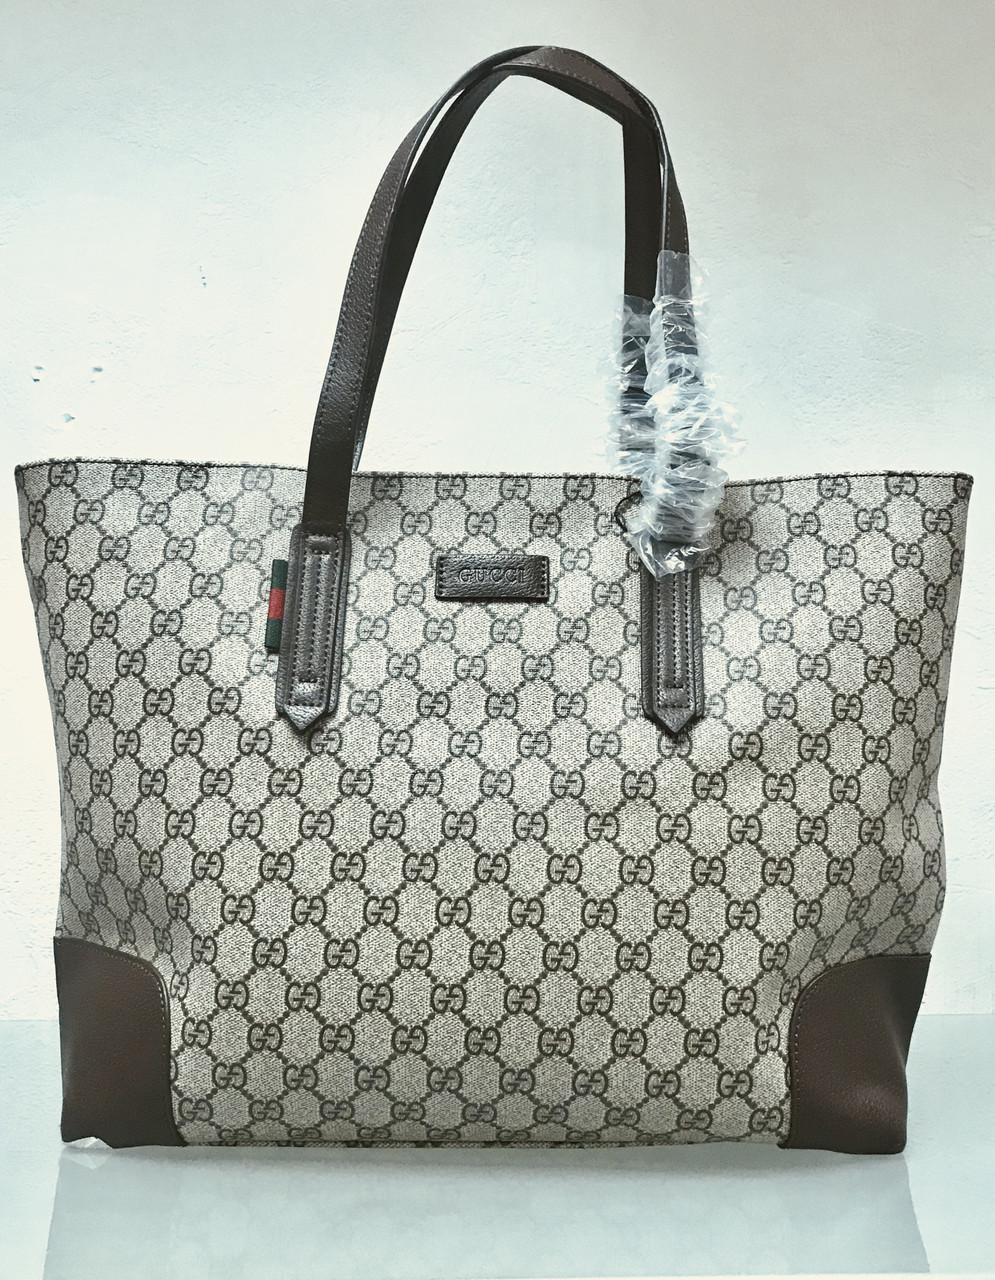 Сумка Gucci беж в логотипах